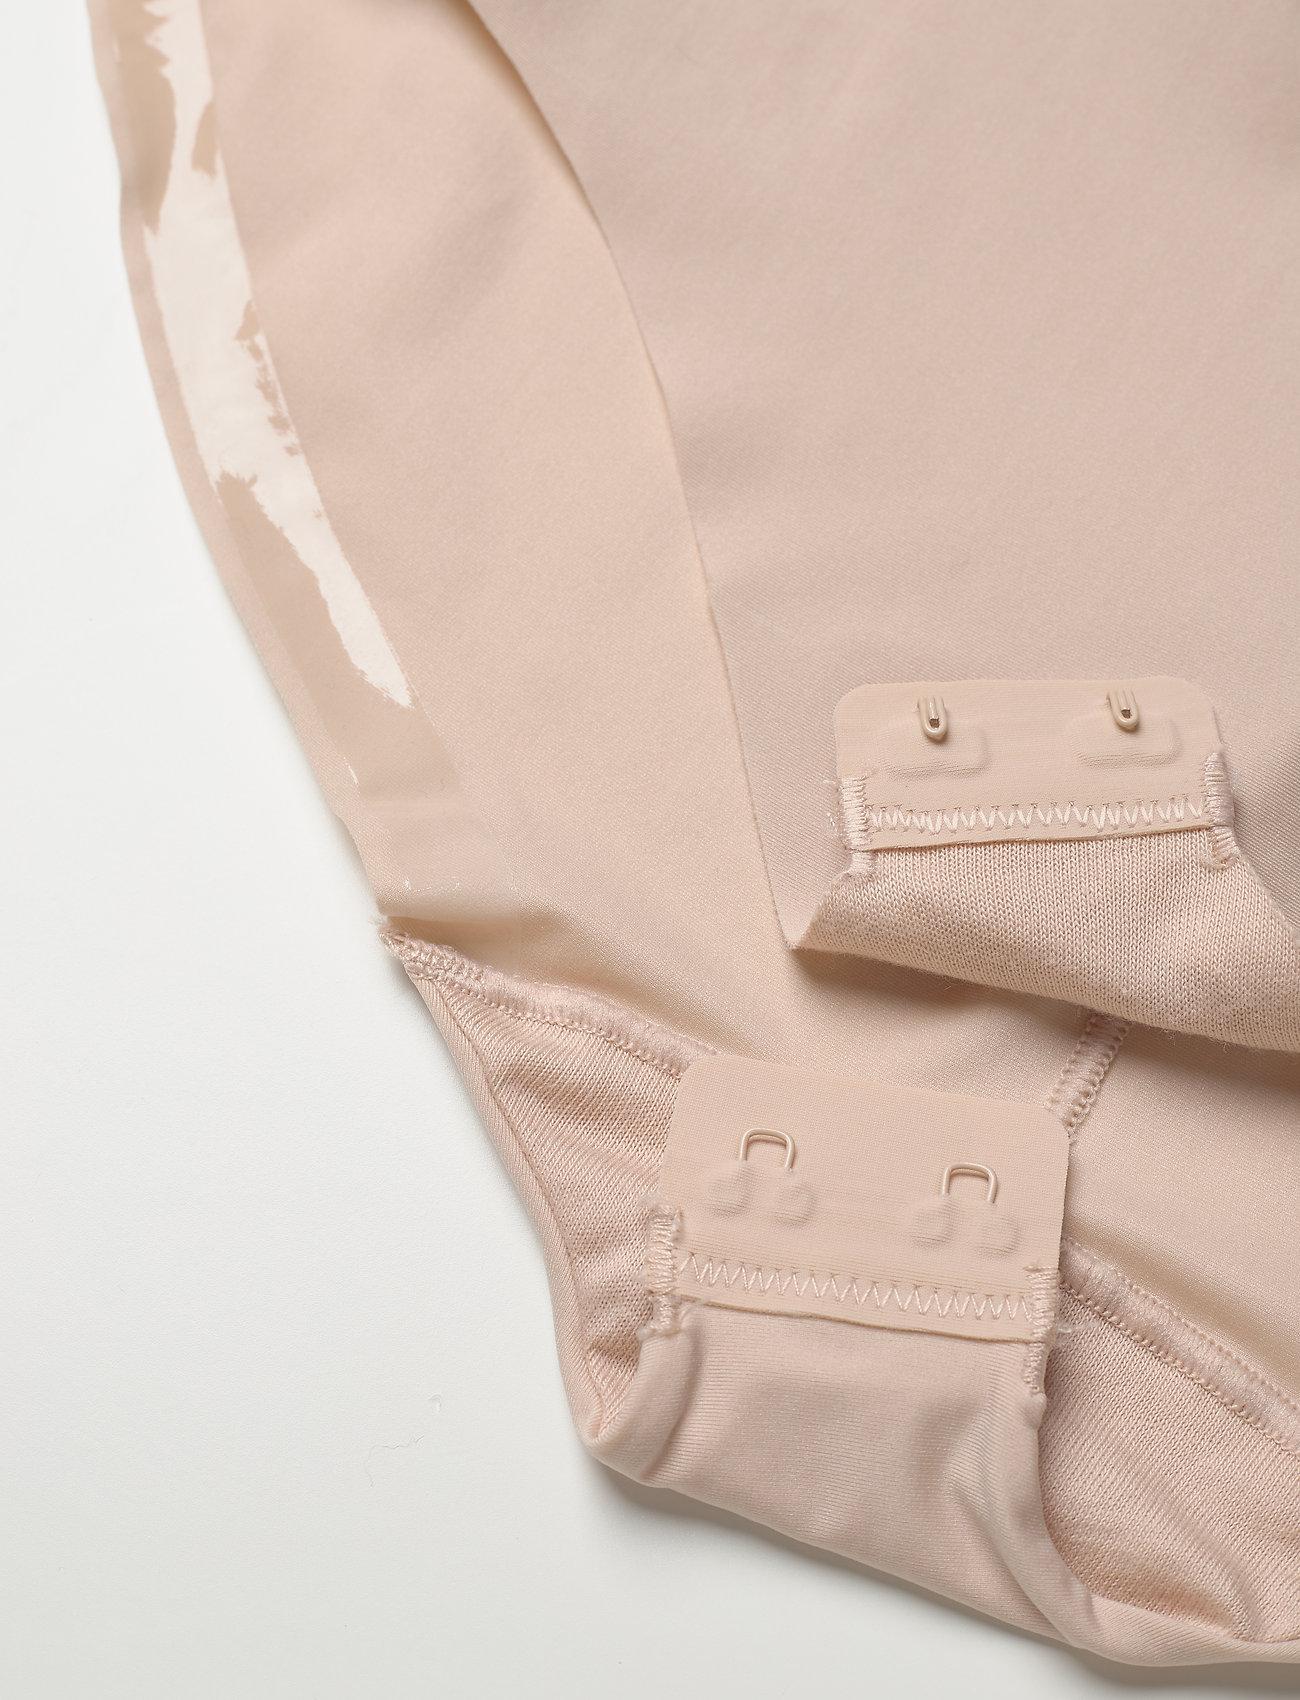 Bodysuit (Soft Nude) (519.20 kr) - Spanx aNVTVfRZ